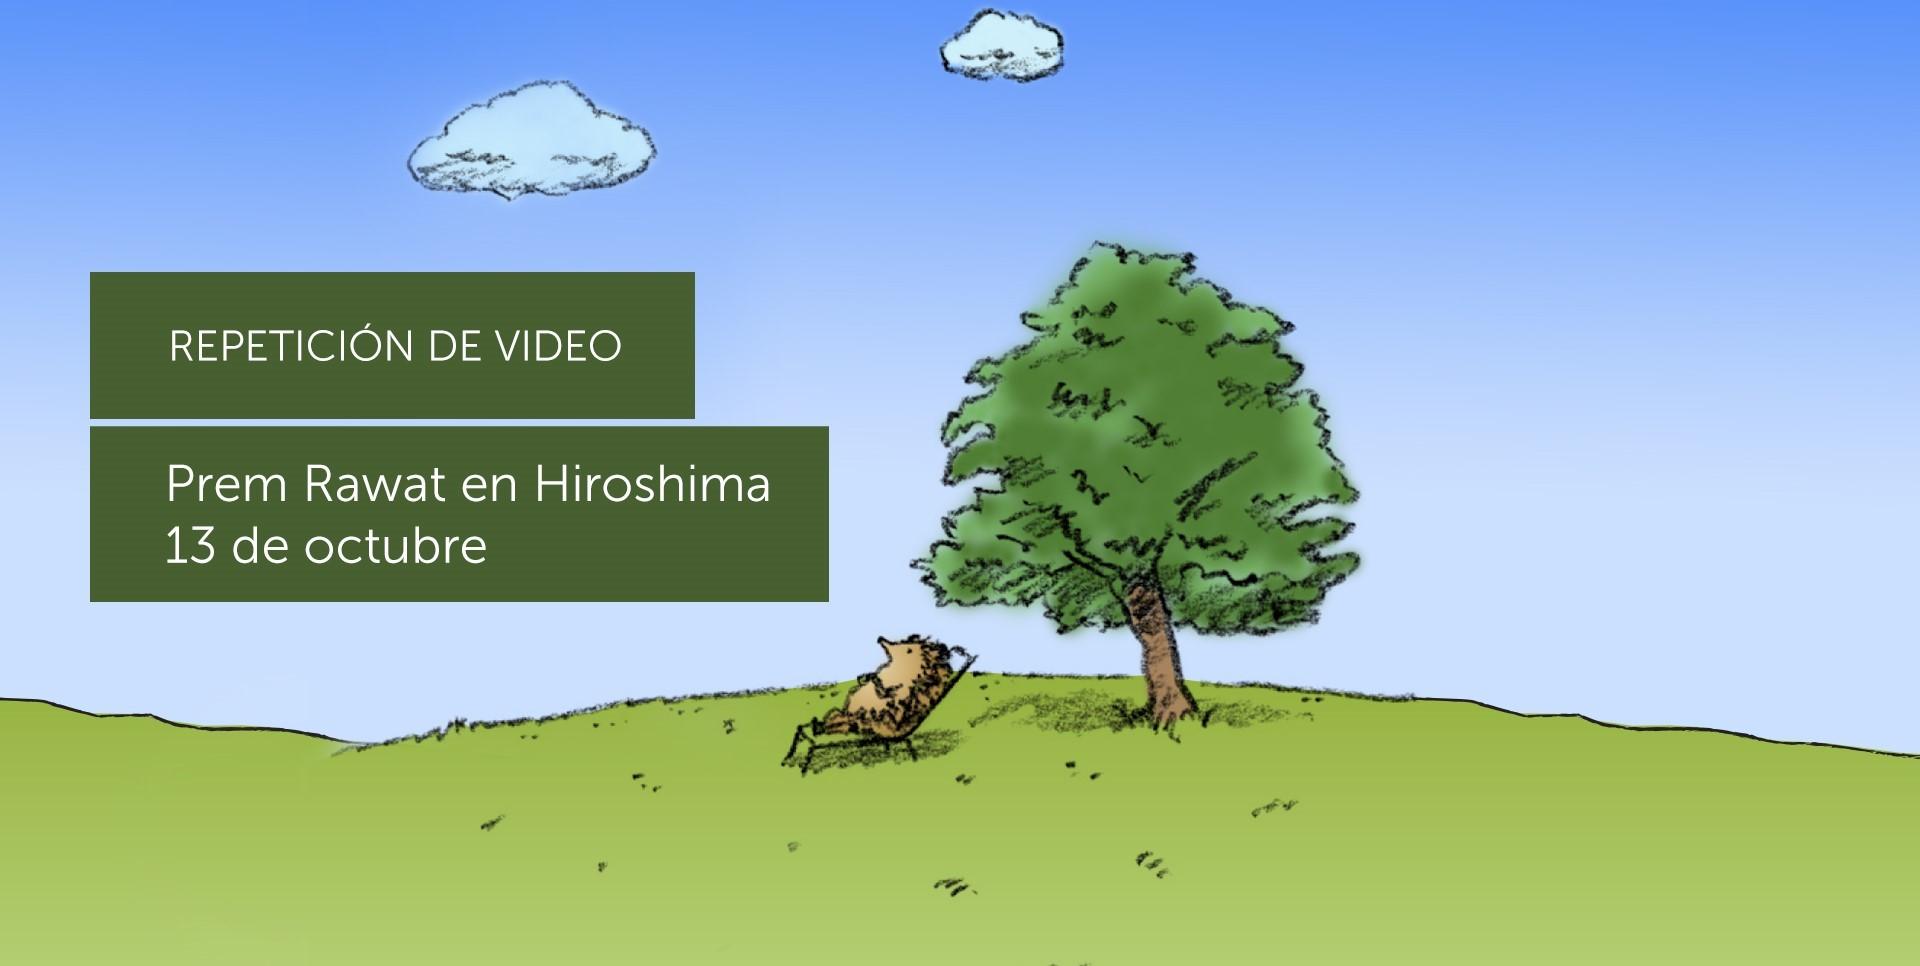 Prem Rawat en Hiroshima, Japón (Video) Español